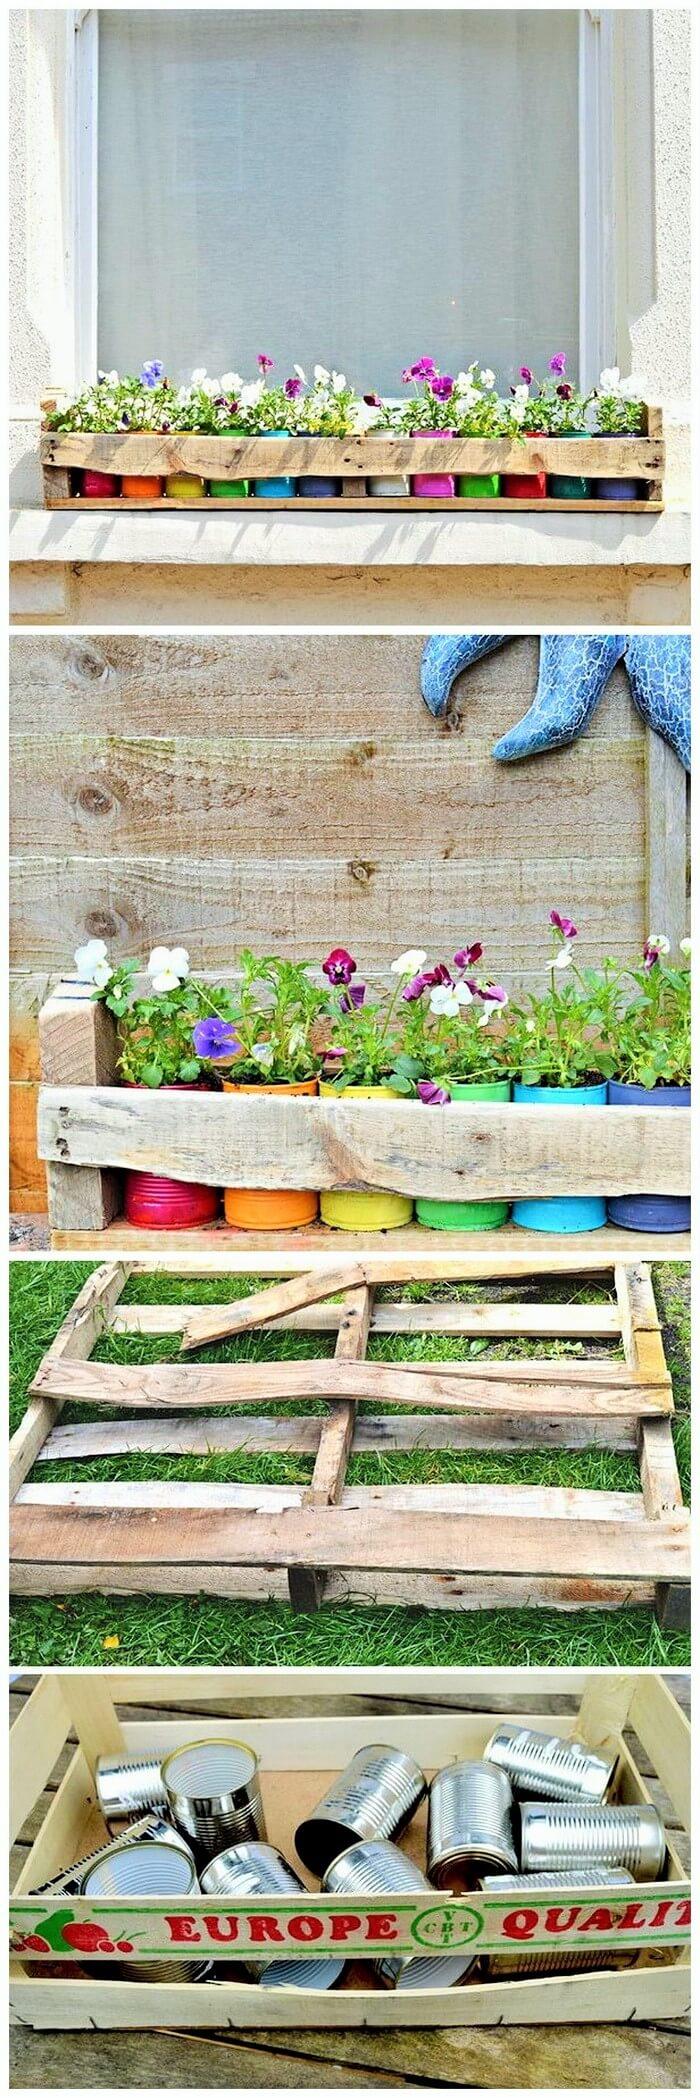 wood-pallet-planters-Ideas-2 (2)